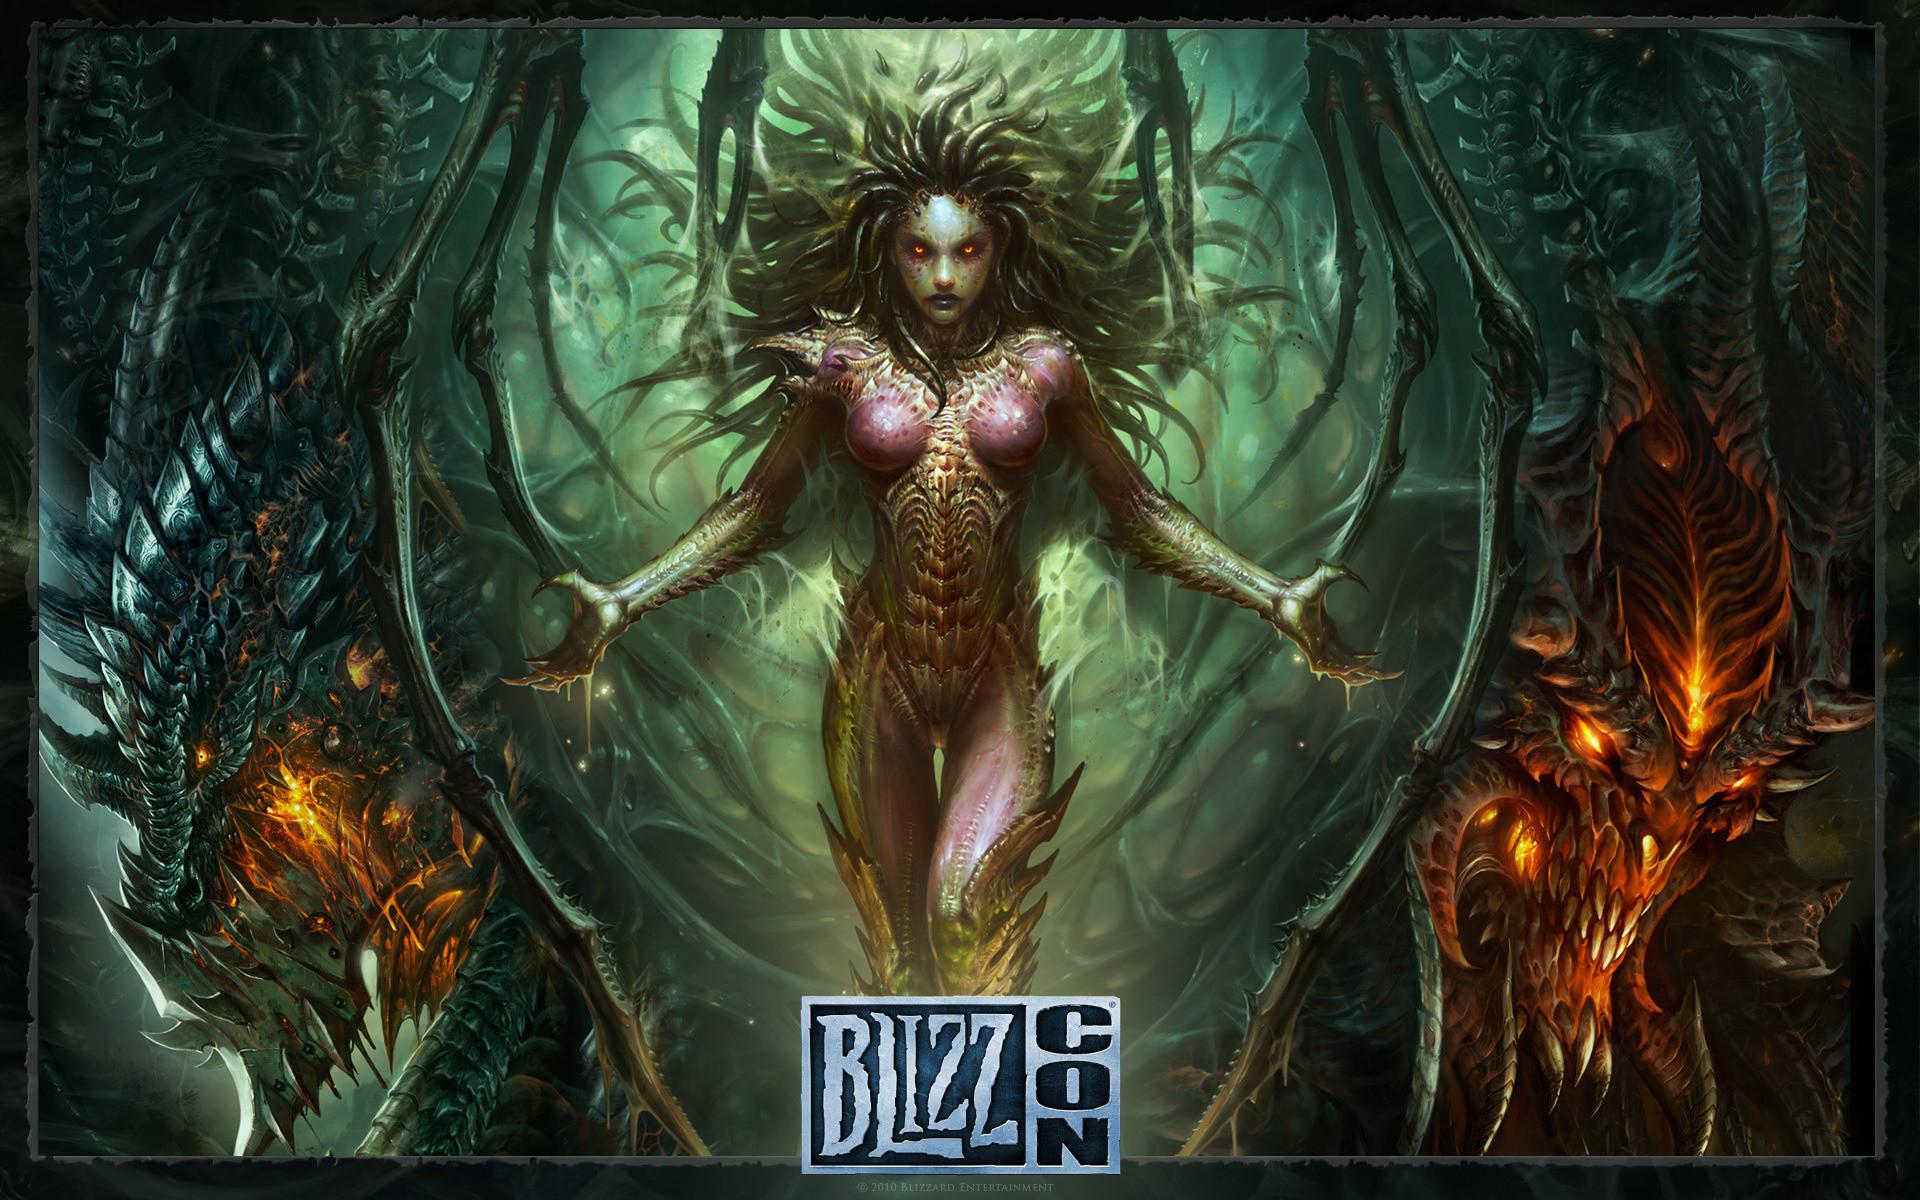 Starcraft, zerg, Sarah Kerrigan, monster